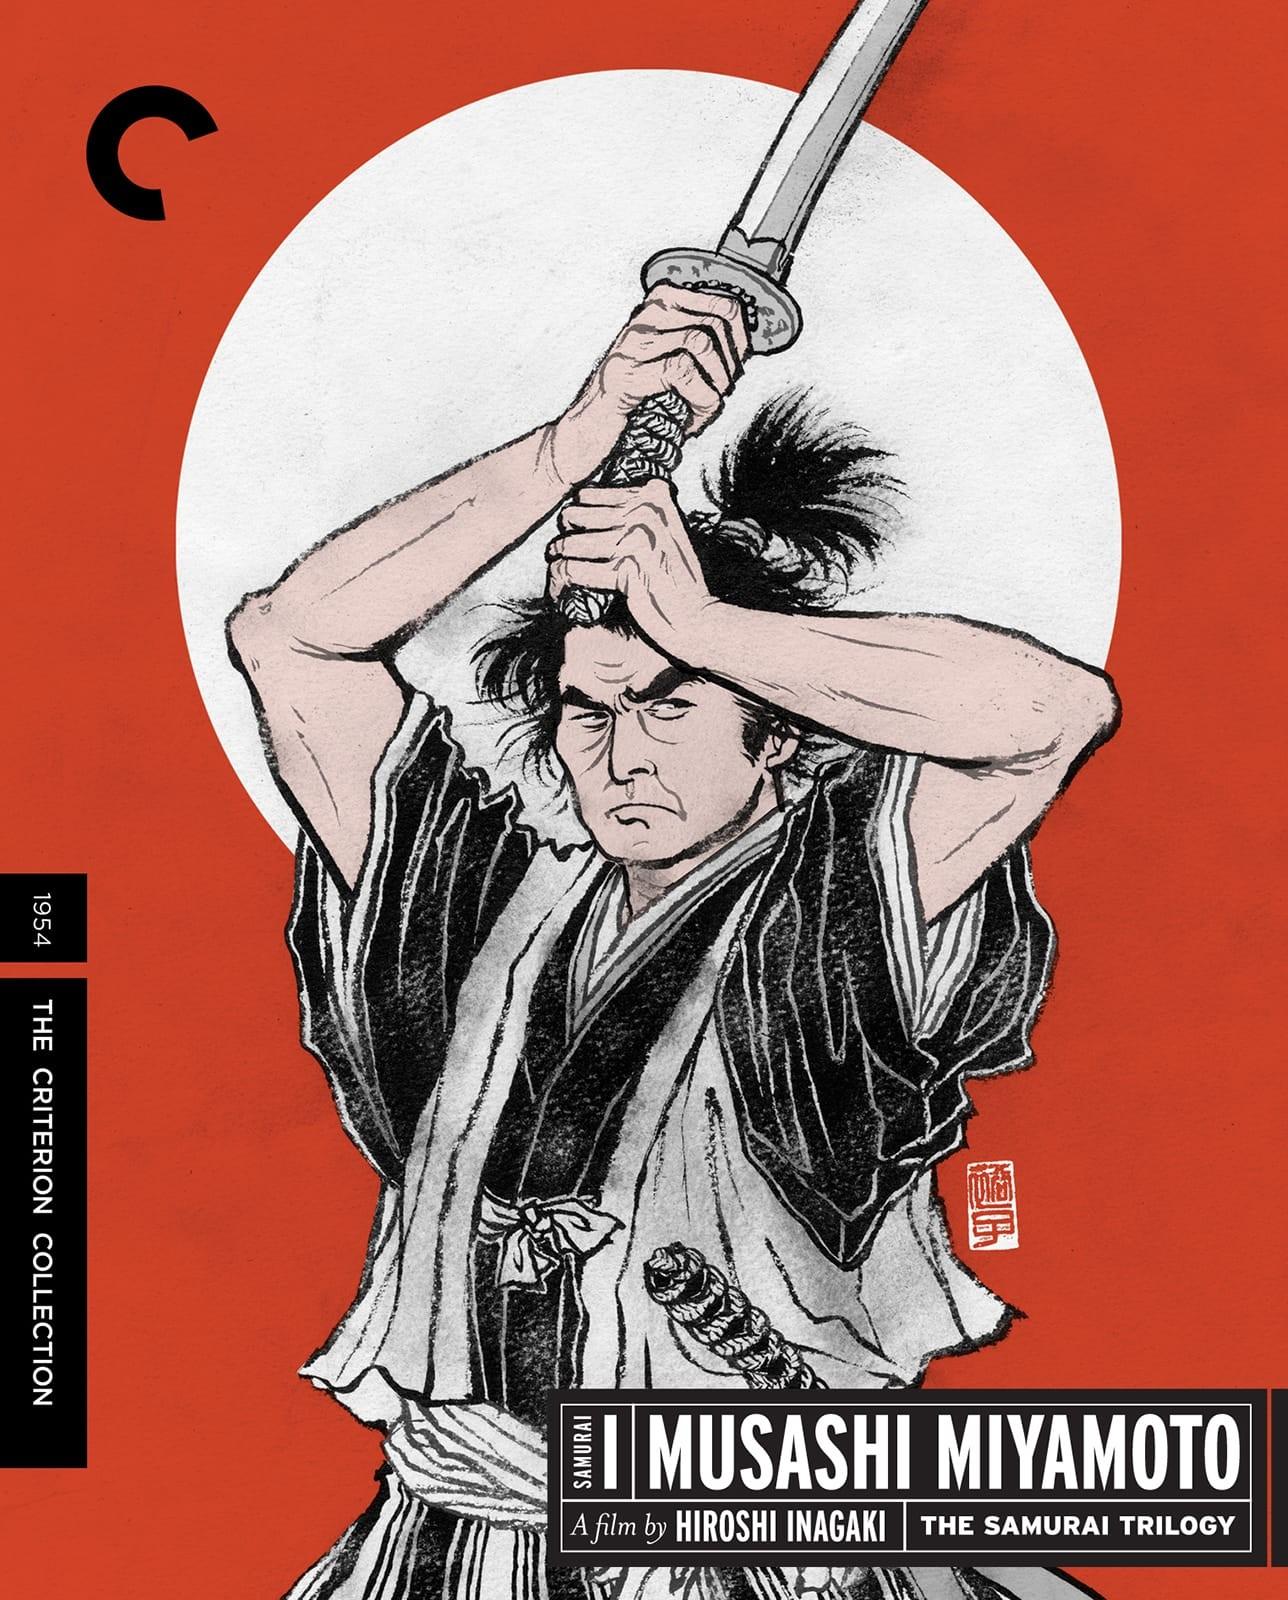 Samurai I: Musashi Miyamoto